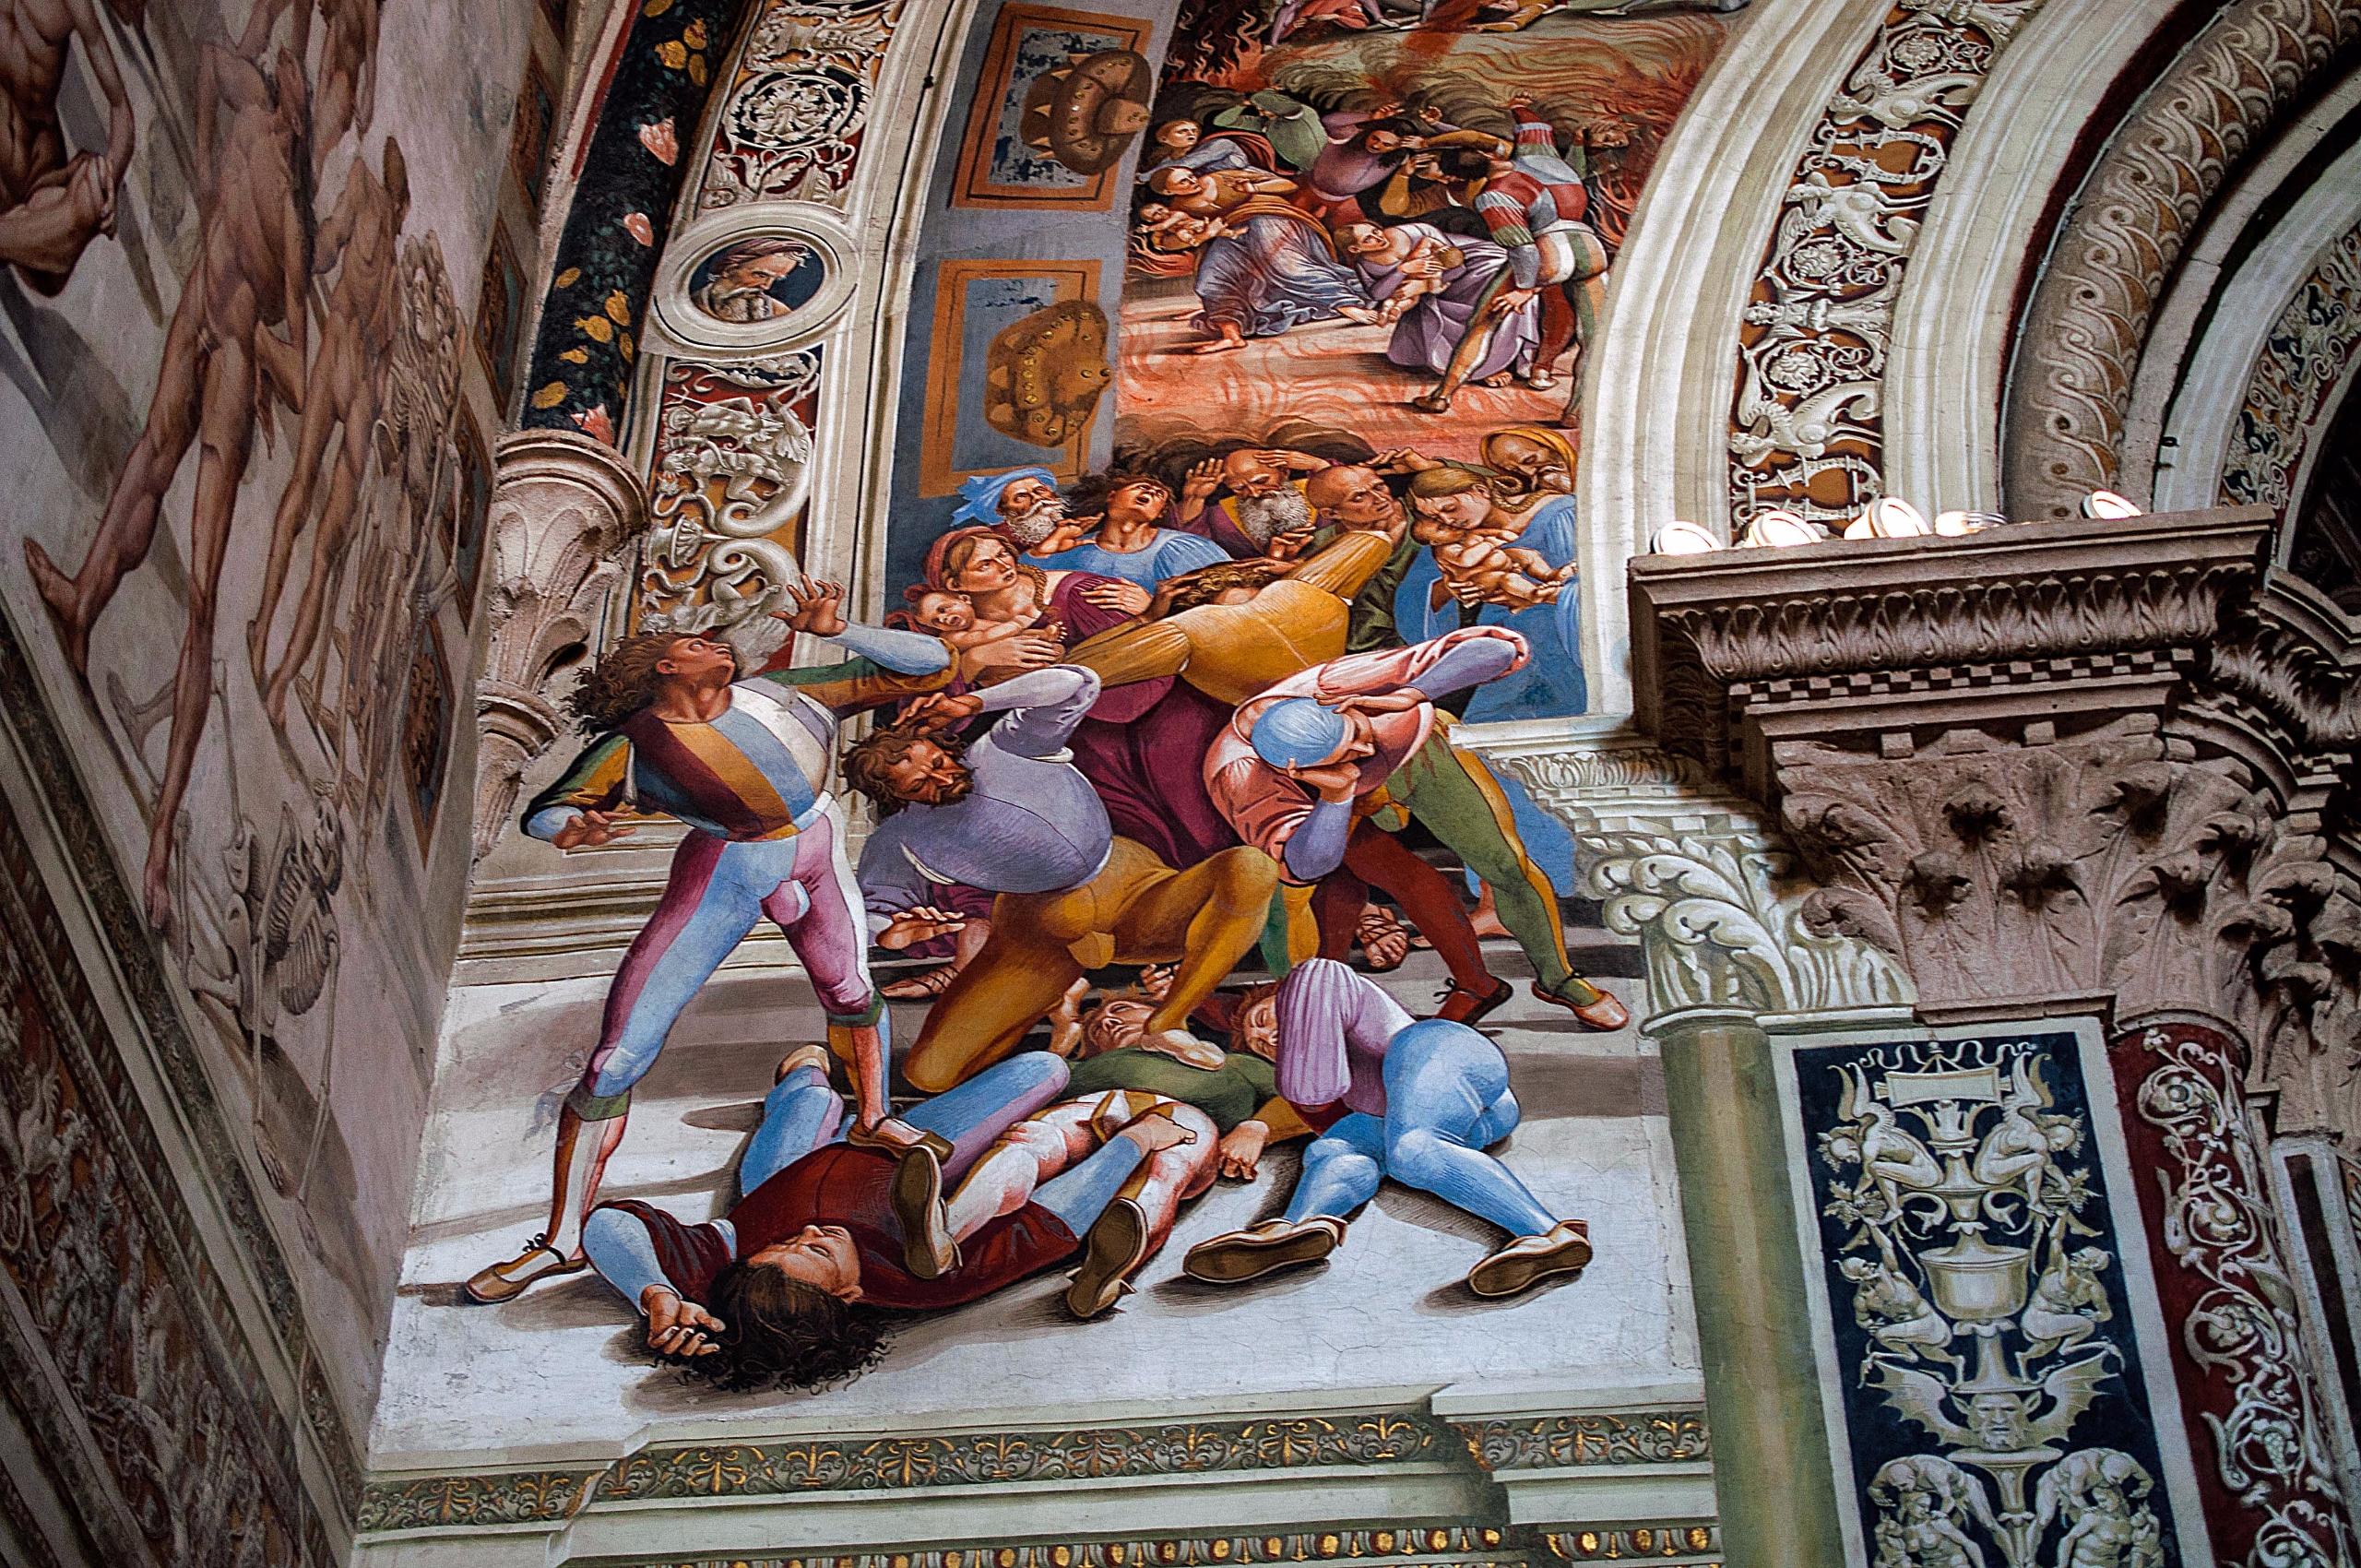 Fuori da proscenio - Orvieto ,  - johnny_antonini | ello